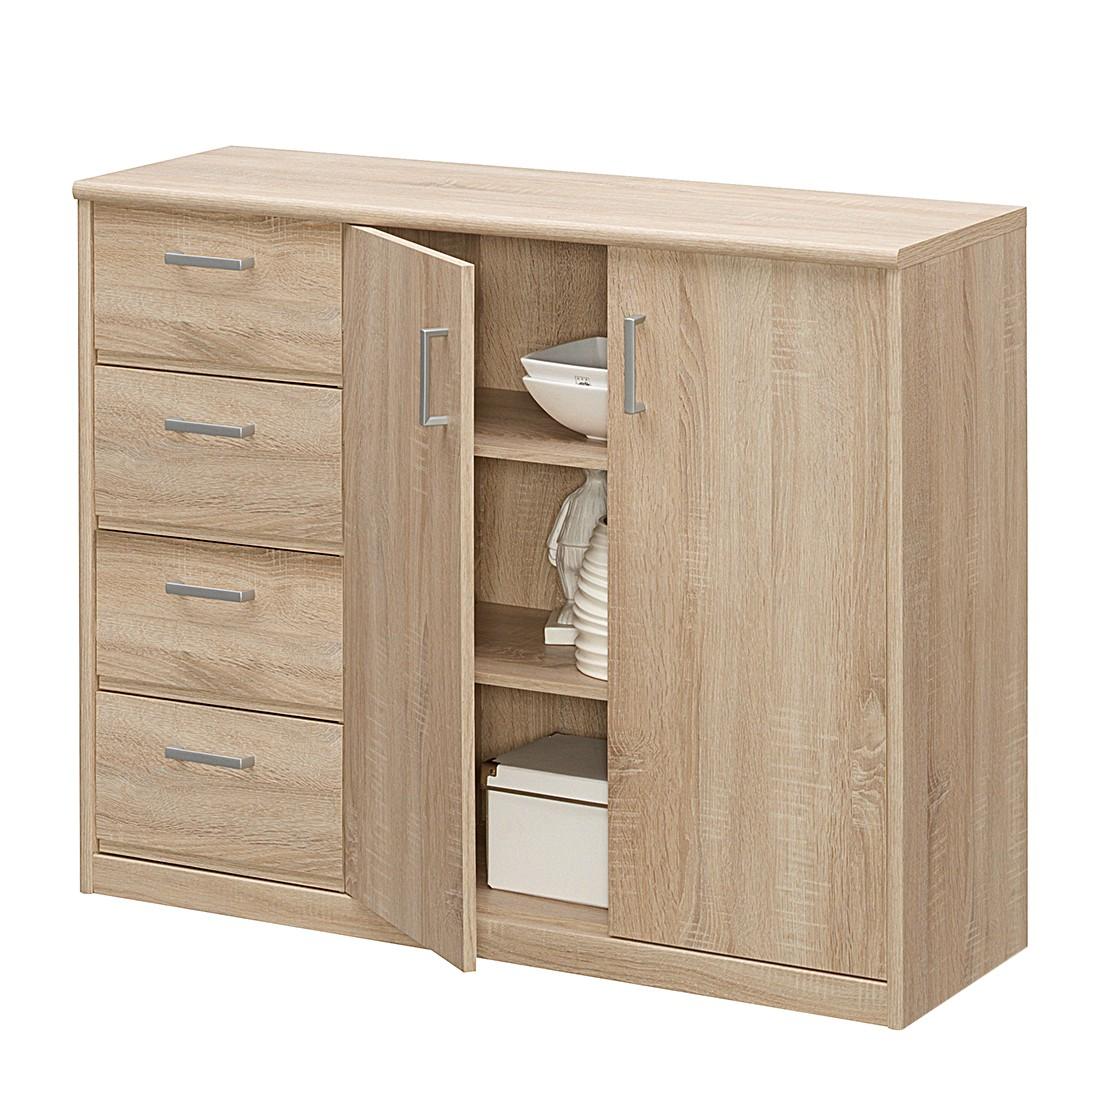 Commode à tiroirs Soft Plus IV - Imitation chêne, Cs Schmal